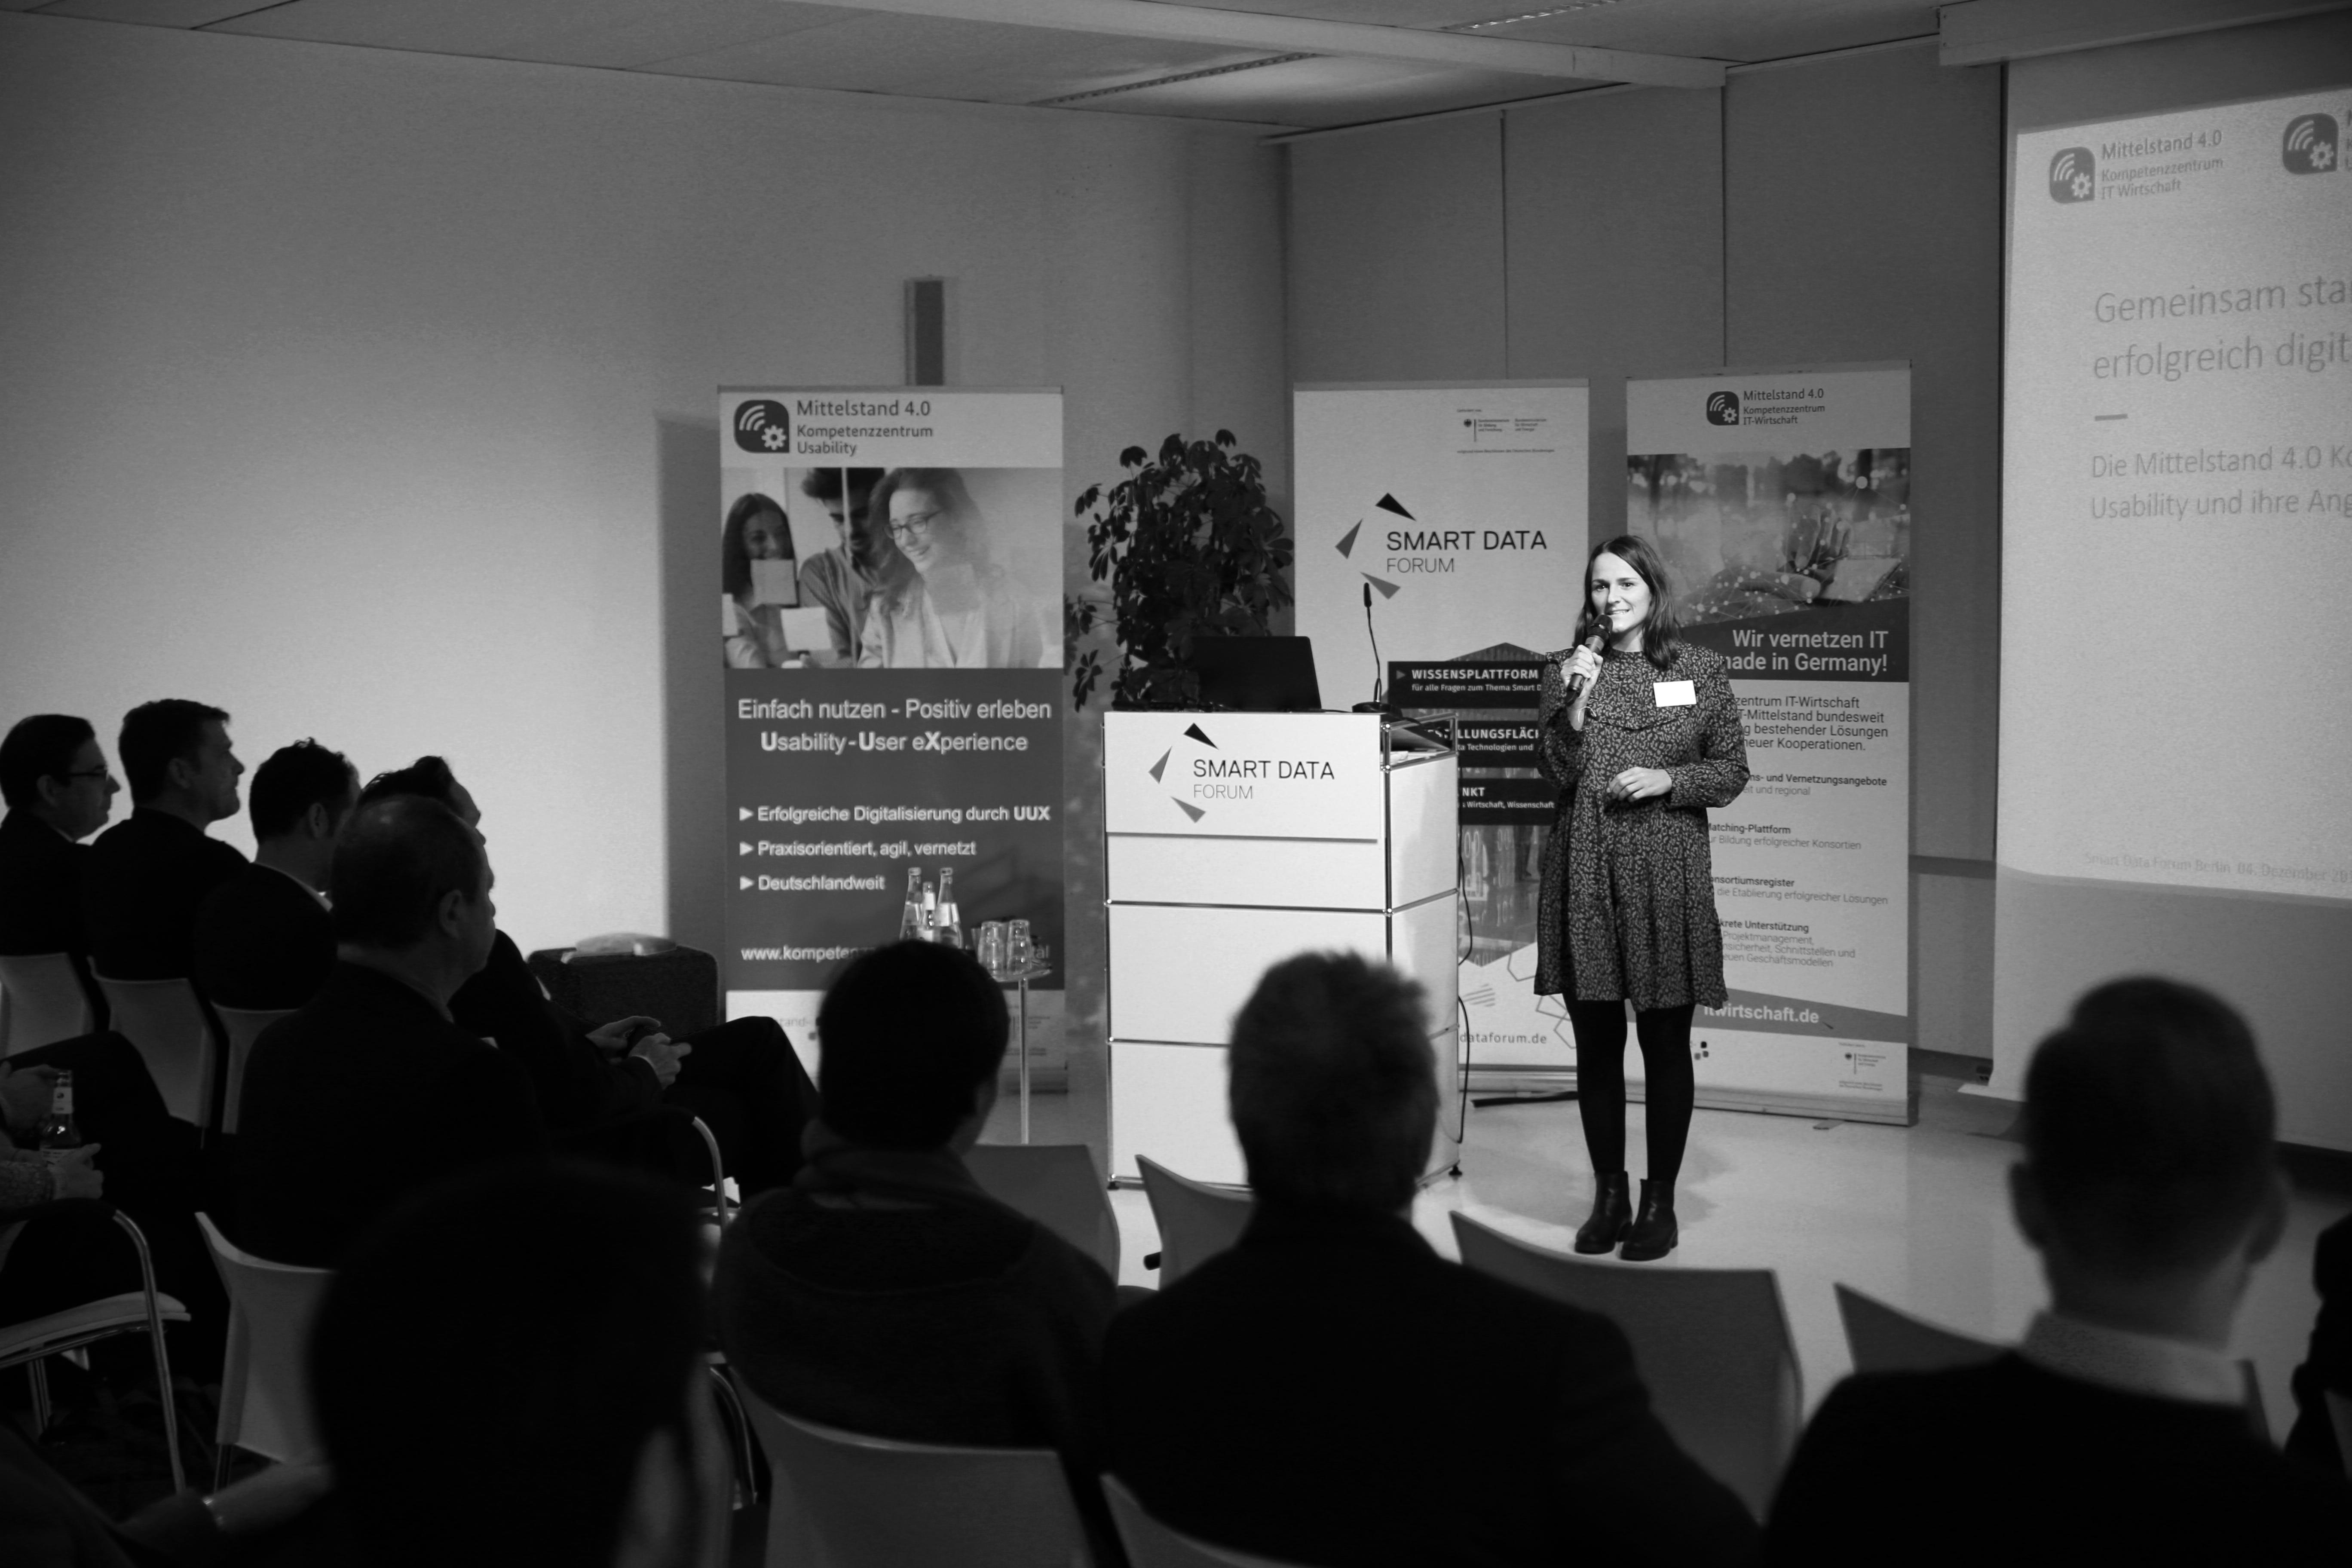 KIW-Veranstaltung für Kammern, Verbände und IHKs im Smart Data Forum Berlin